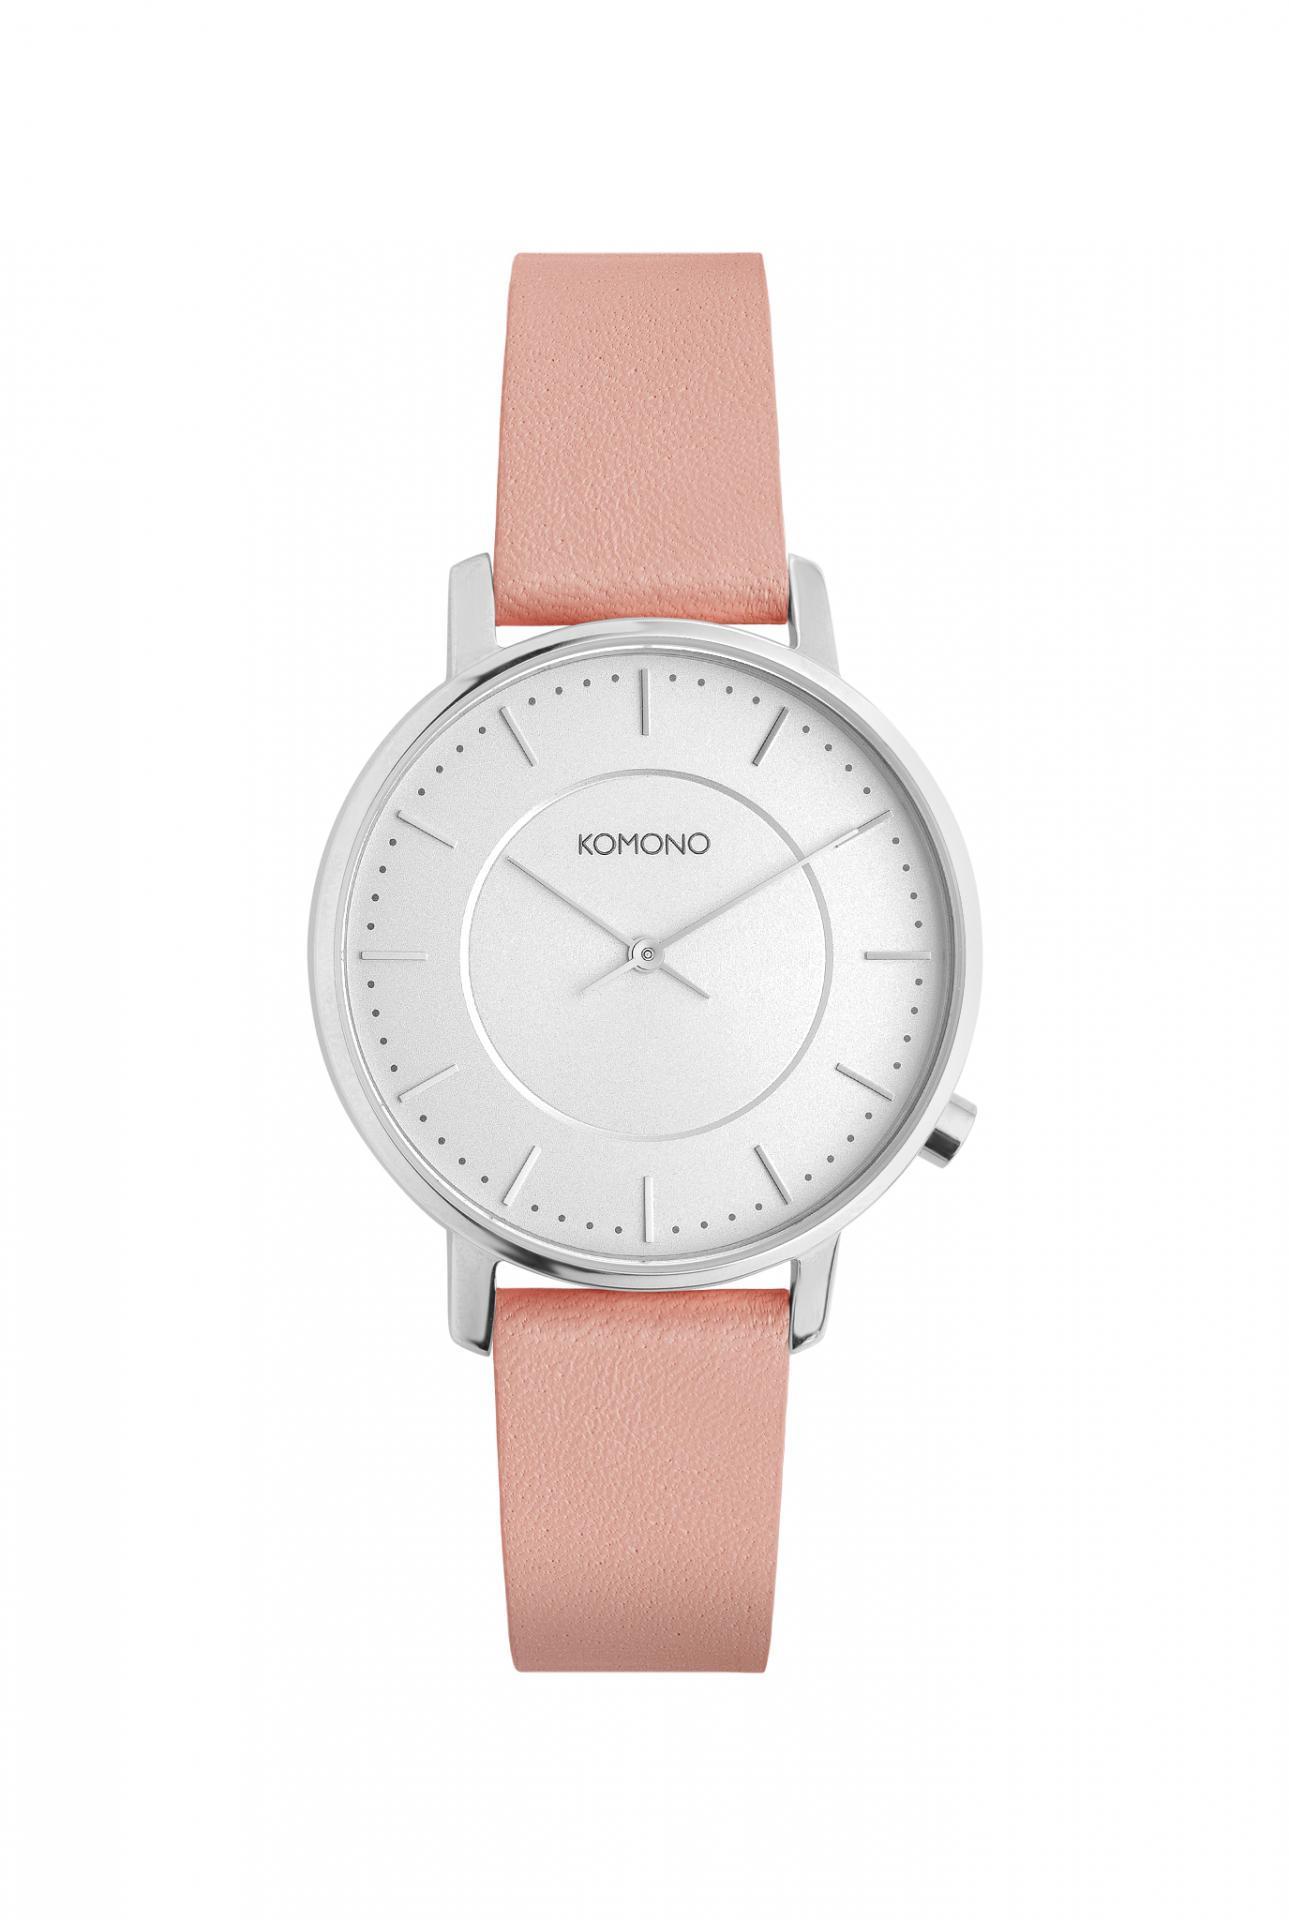 Komono Dámské hodinky Komono Harlow Pastel Misty Rose, růžová barva, kov, kůže